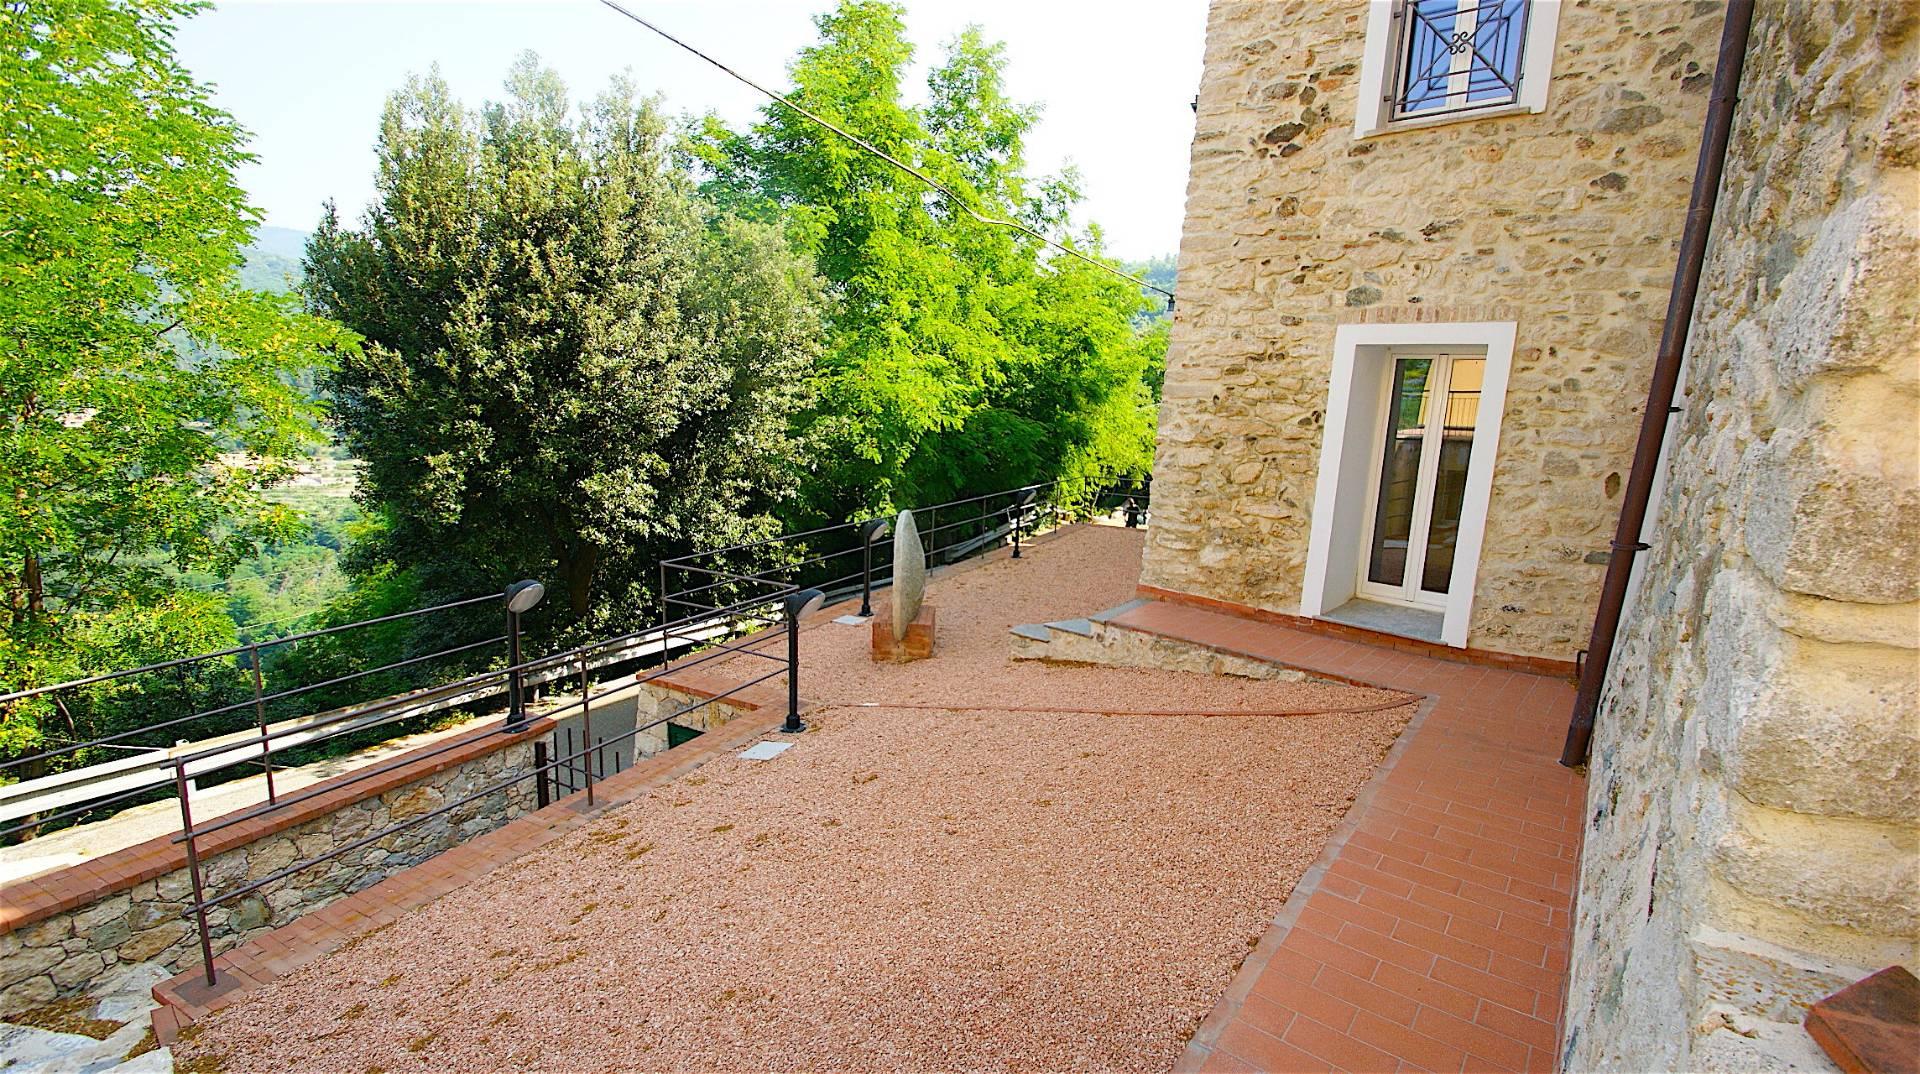 Appartamento in vendita a Orco Feglino, 2 locali, zona Zona: Orco, prezzo € 110.000 | CambioCasa.it